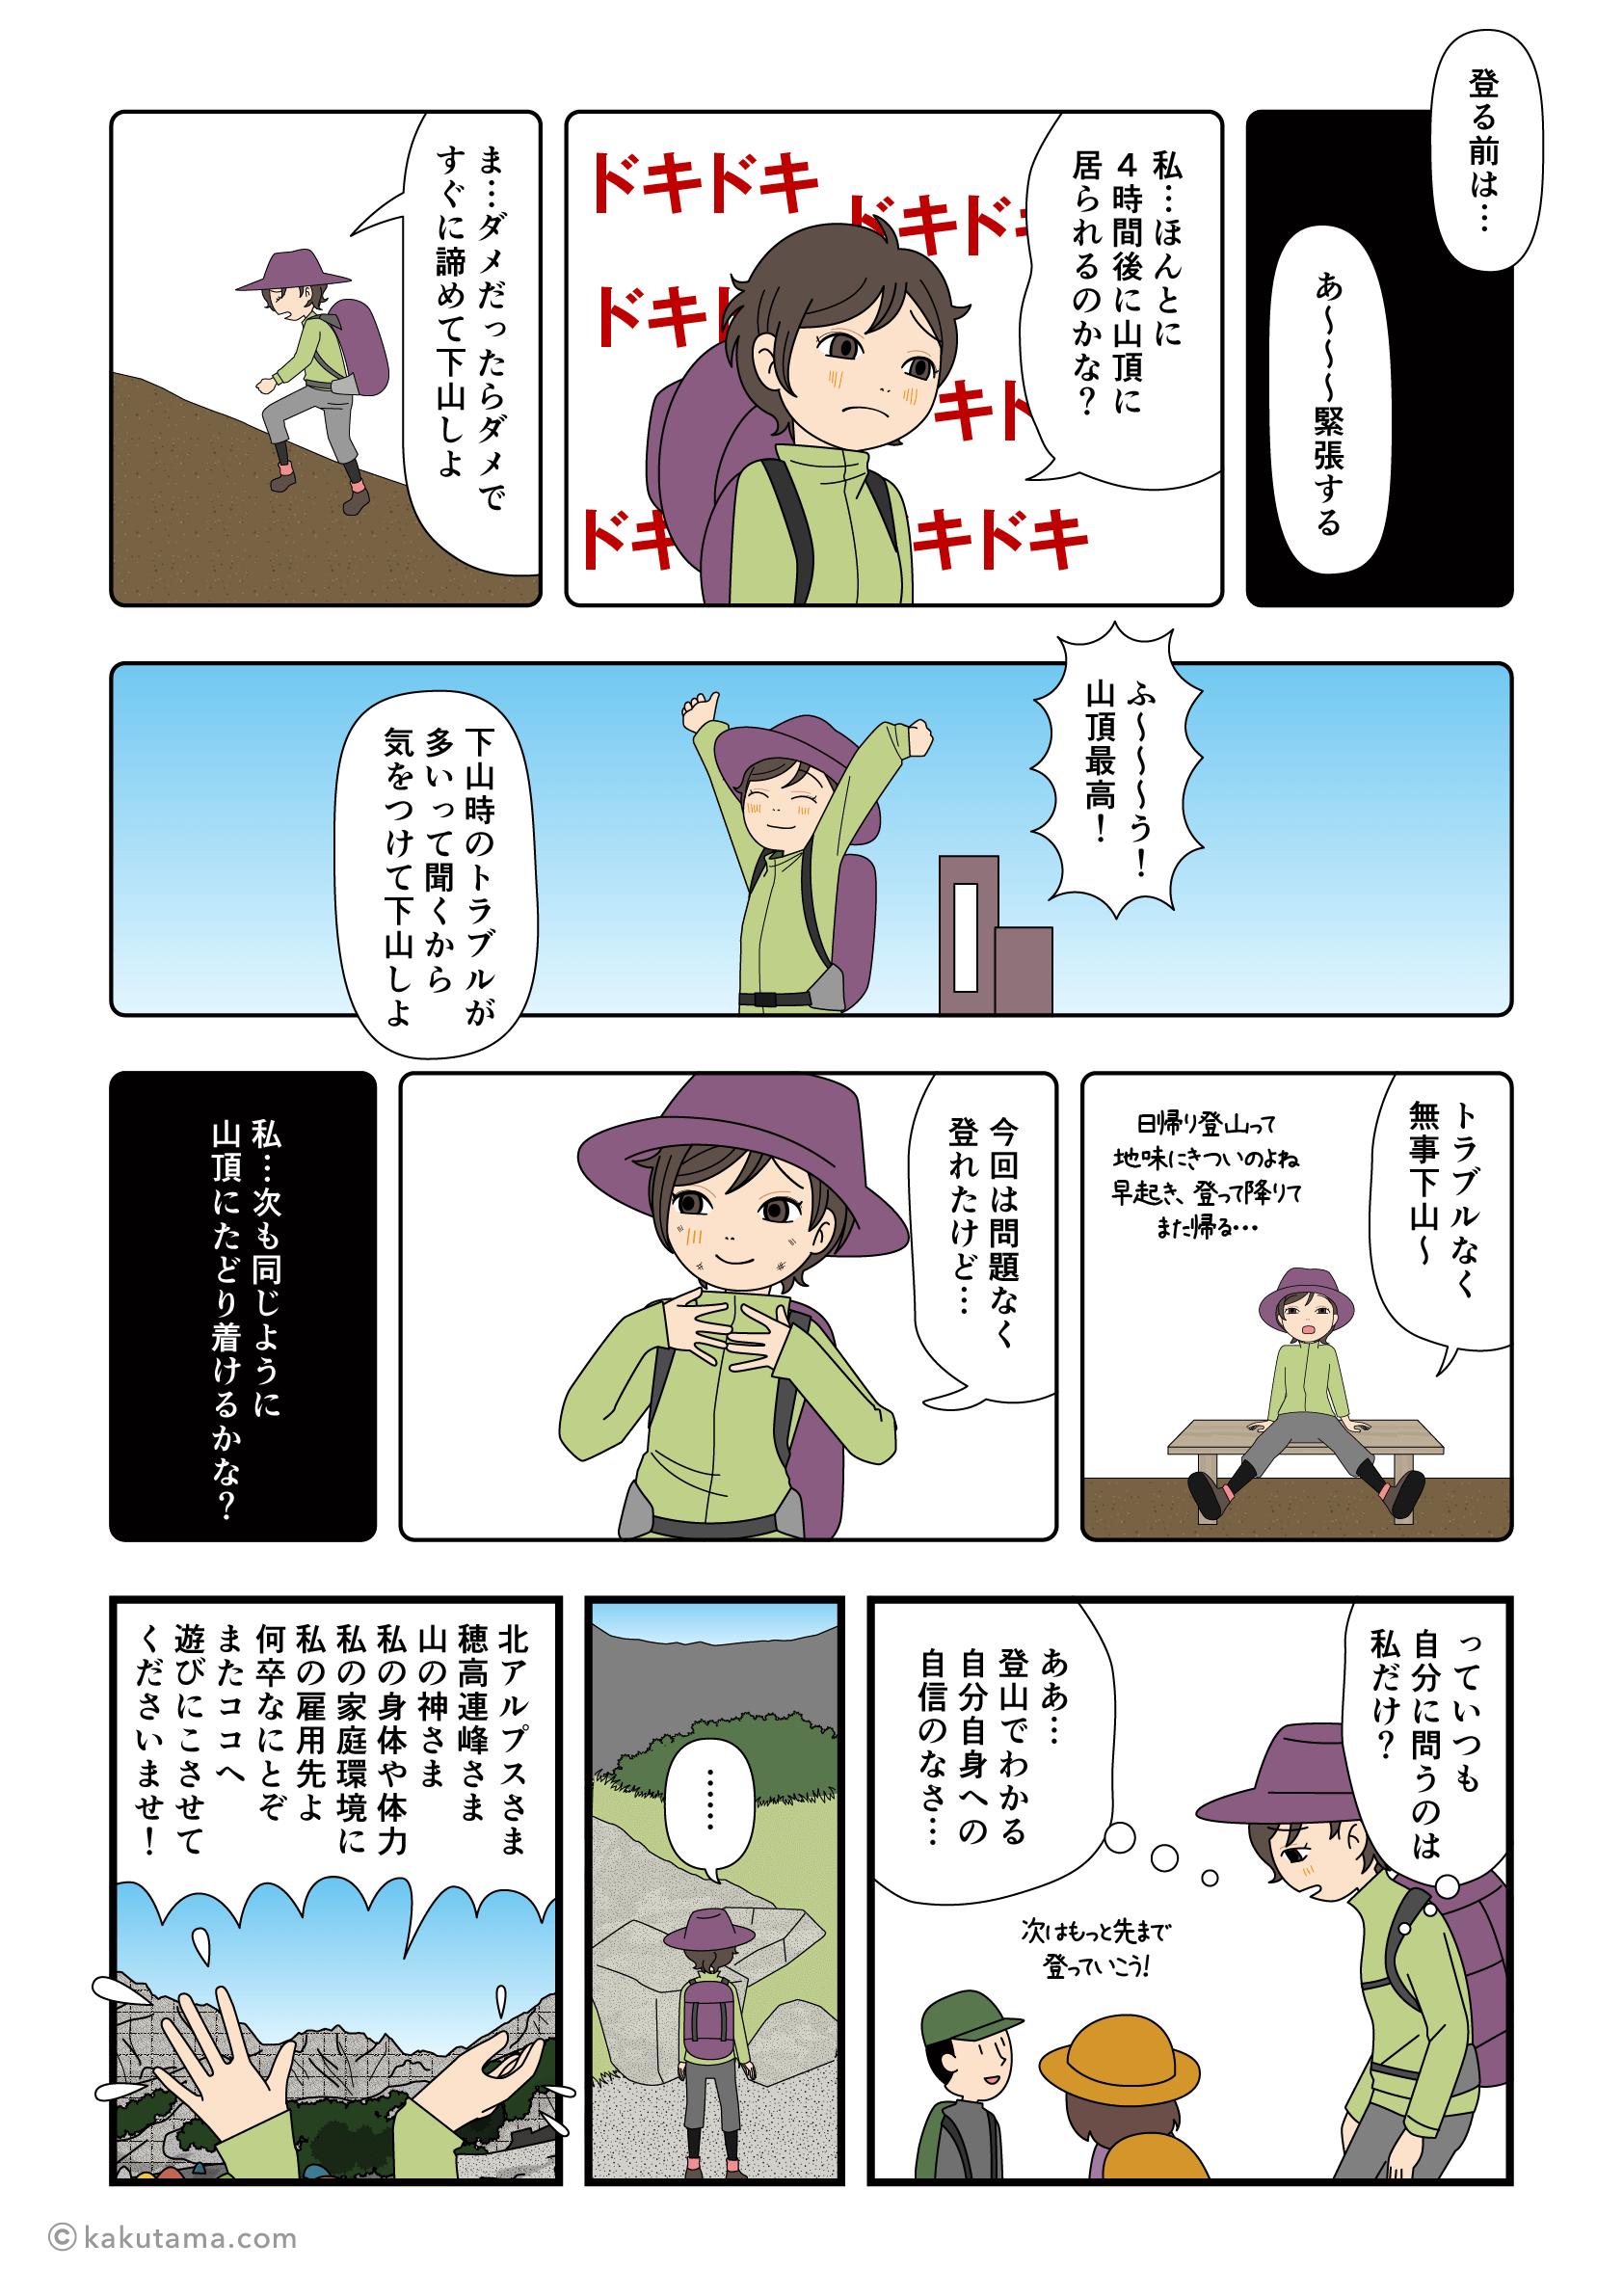 自信がない登山者の漫画